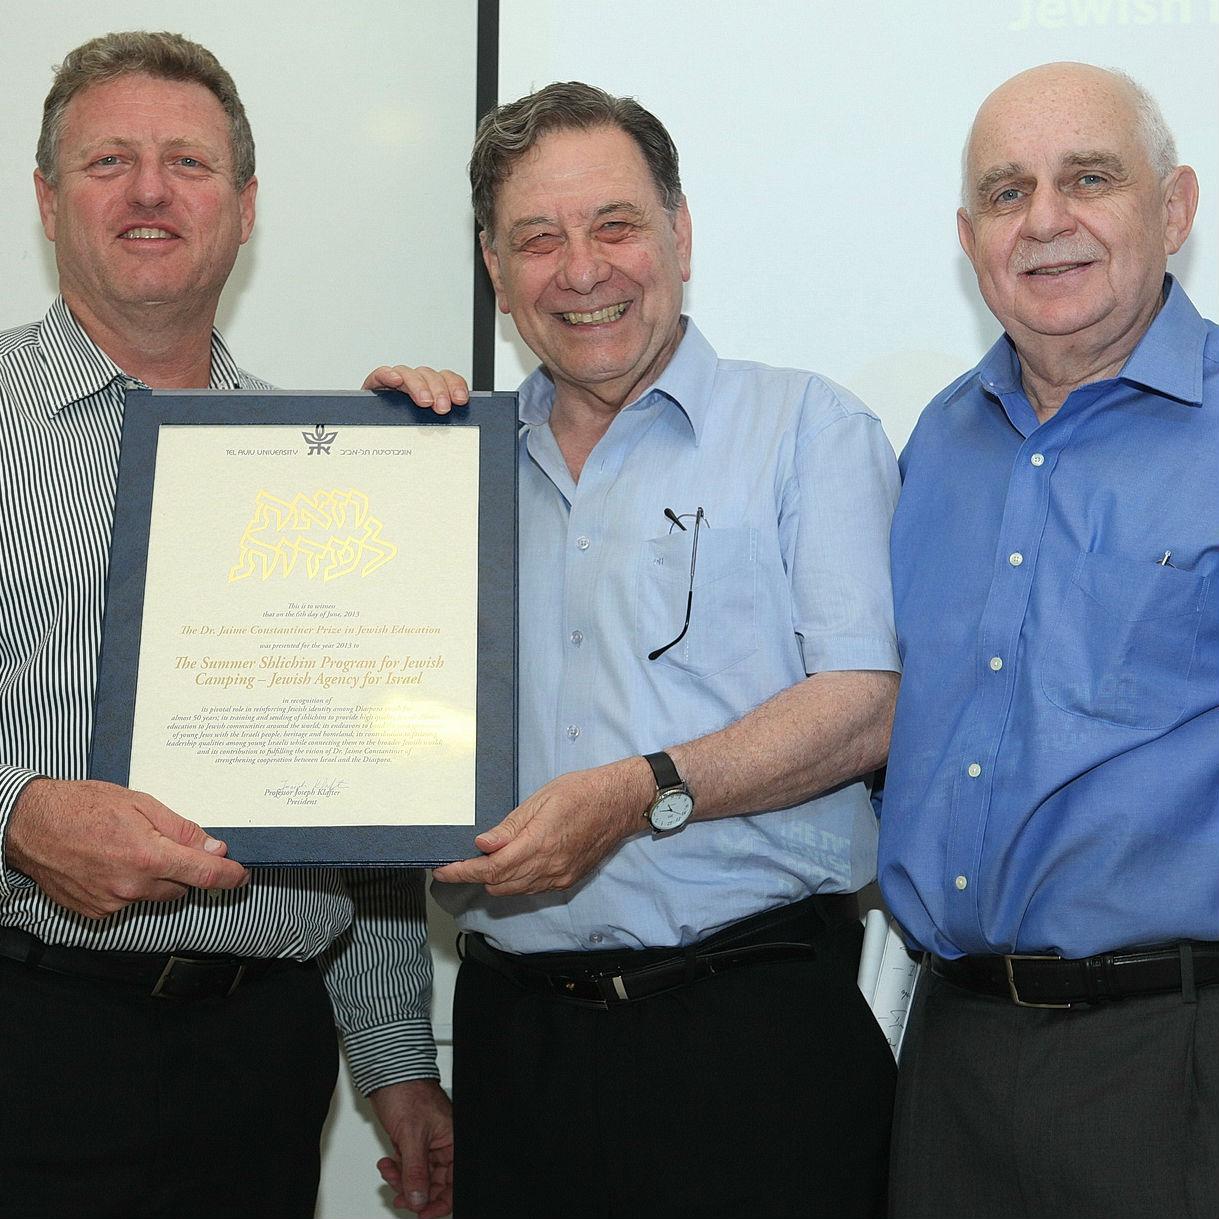 אוניברסיטת תל-אביב העניקה את פרס קונסטנטינר בחינוך יהודי לתכנית שליחי הקיץ של הסוכנות היהודית